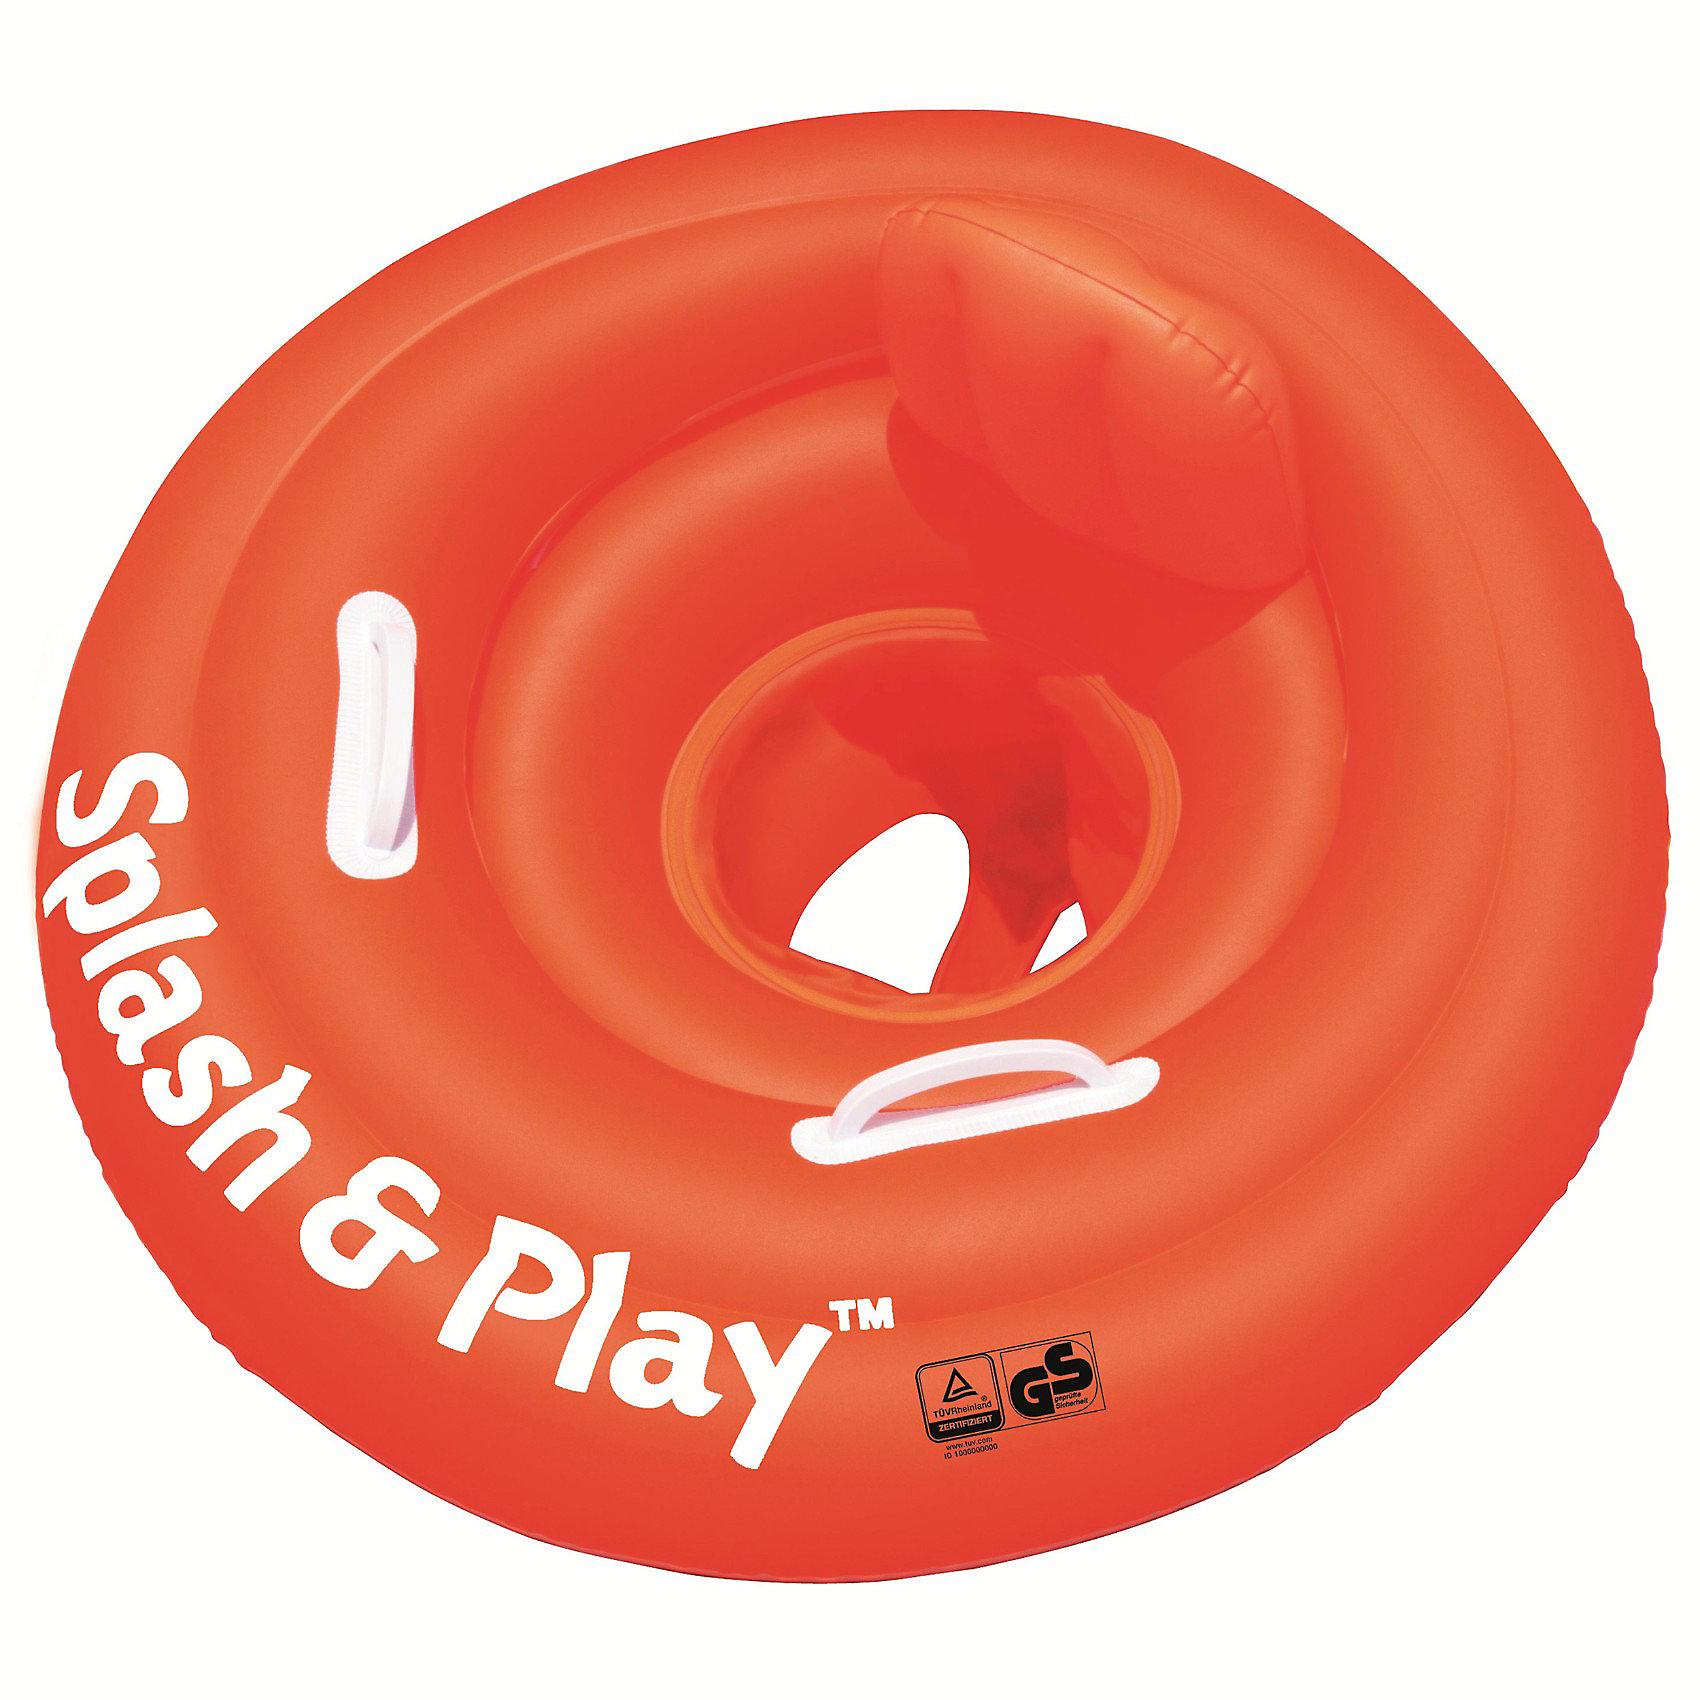 Круг для плавания с сиденьем, спинкой и ручками Splash&amp;Play, 69 см, BestwayКруги и нарукавники<br>Характеристики товара:<br><br>• материал: винил<br>• цвет: оранжевый<br>• размер: 69 см<br>• легкий материал<br>• отверстия для ног<br>• удобное сиденье со спинкой и ручками <br>• трехкамерная конструкция обеспечивает надежность<br>• надувной <br>• яркий цвет<br>• комфортный<br>• хорошо заметен на воде<br>• возраст: от 0 мес<br>• страна бренда: США, Китай<br>• страна производства: Китай<br><br>Это отличный способ научить малышей не бояться воды и обеспечить детям веселое времяпровождение! Круг поможет ребенку больше времени проводить на воде.<br><br>Предмет сделан из прочного материала, но очень легкого - отлично держится на воде. Круг легкий, его удобно брать с собой. Изделие произведено из качественных и безопасных для детей материалов.<br><br>Круг для плавания с сиденьем и спинкой и ручками Splash&amp;Play, 69 см, от бренда Bestway (Бествей) можно купить в нашем интернет-магазине.<br><br>Ширина мм: 195<br>Глубина мм: 200<br>Высота мм: 50<br>Вес г: 540<br>Возраст от месяцев: 0<br>Возраст до месяцев: 12<br>Пол: Унисекс<br>Возраст: Детский<br>SKU: 3340141